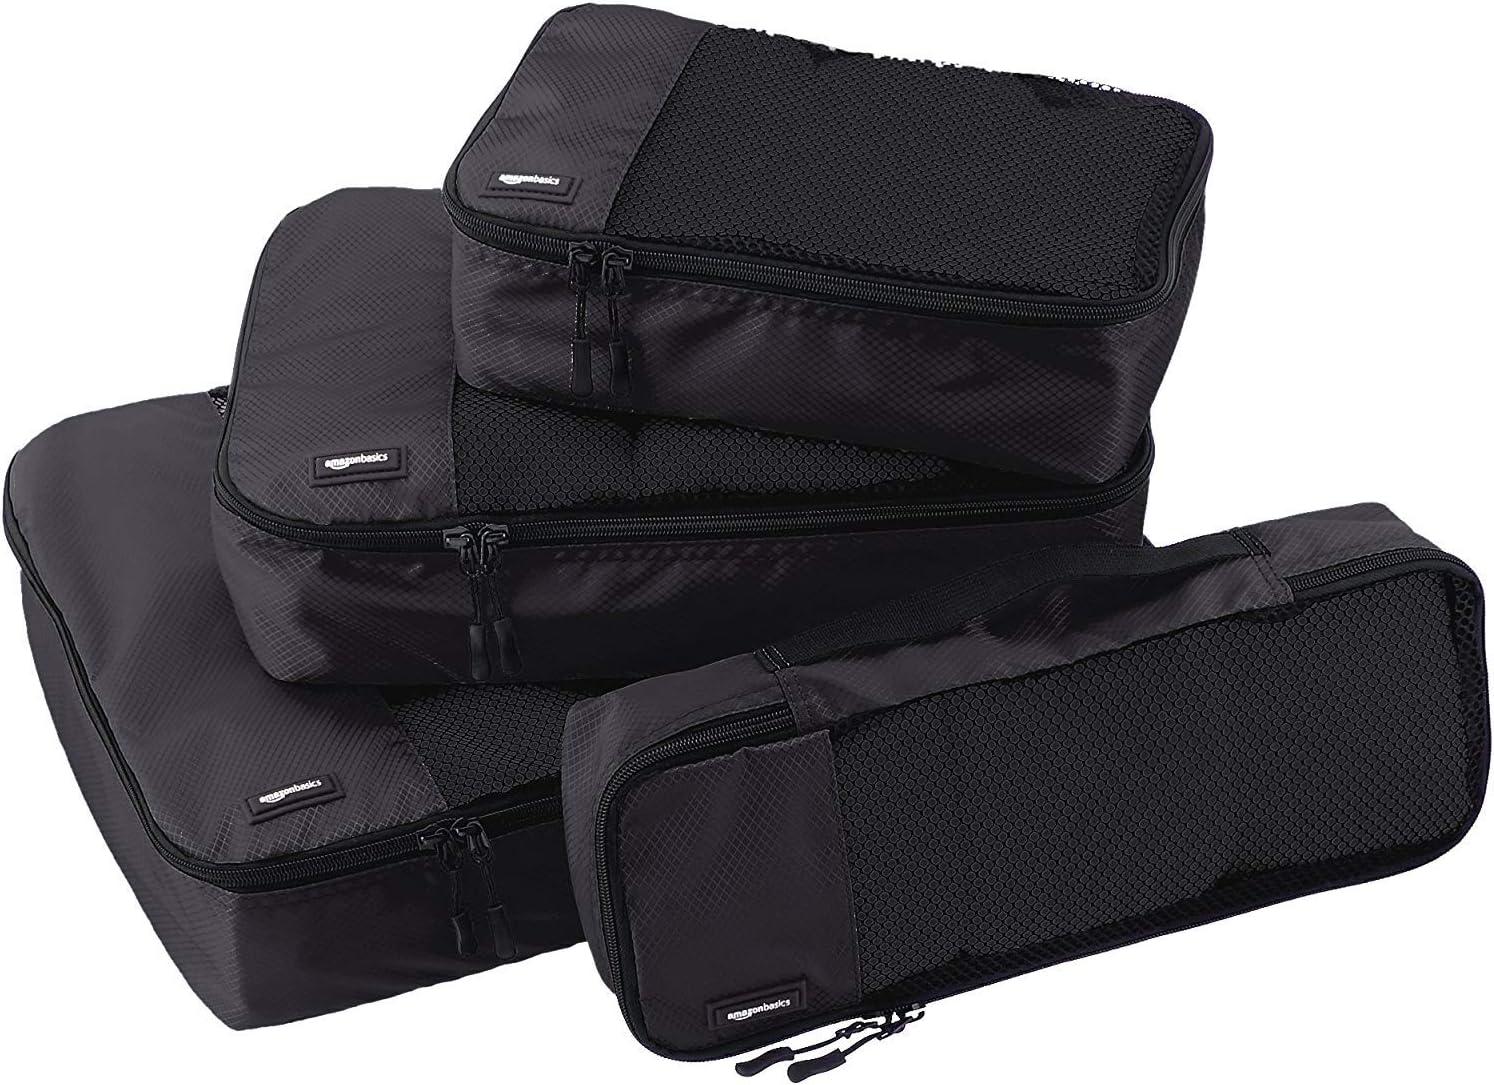 AmazonBasics - Bolsas de equipaje (pequeña, mediana, grande y alargada, 4 unidades), Negro